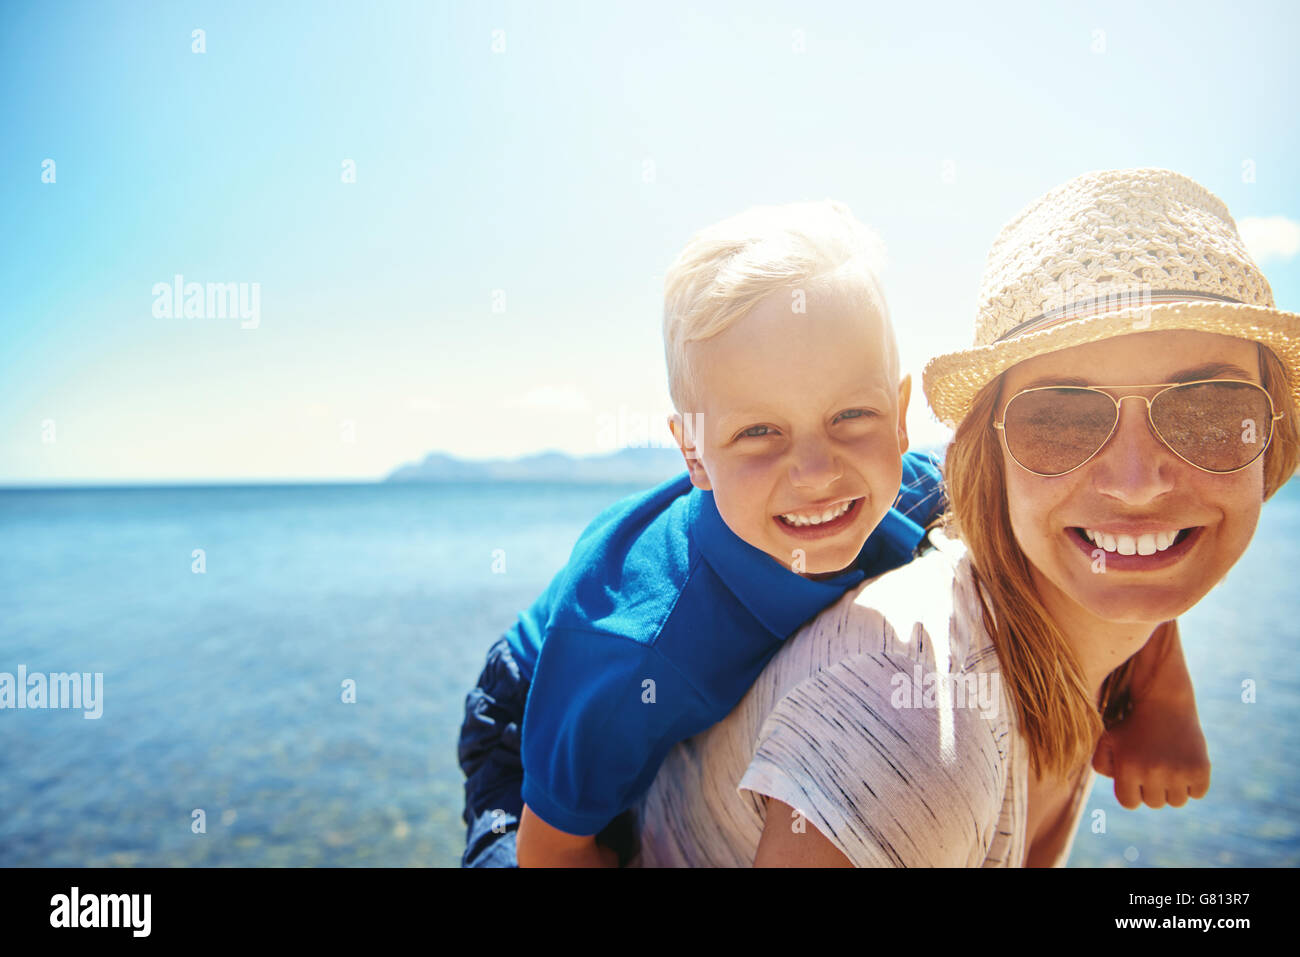 Glückliche kleine Junge immer eine Huckepack-Fahrt von seiner attraktiven lächelnde Mutter in Sonnenhut Stockbild